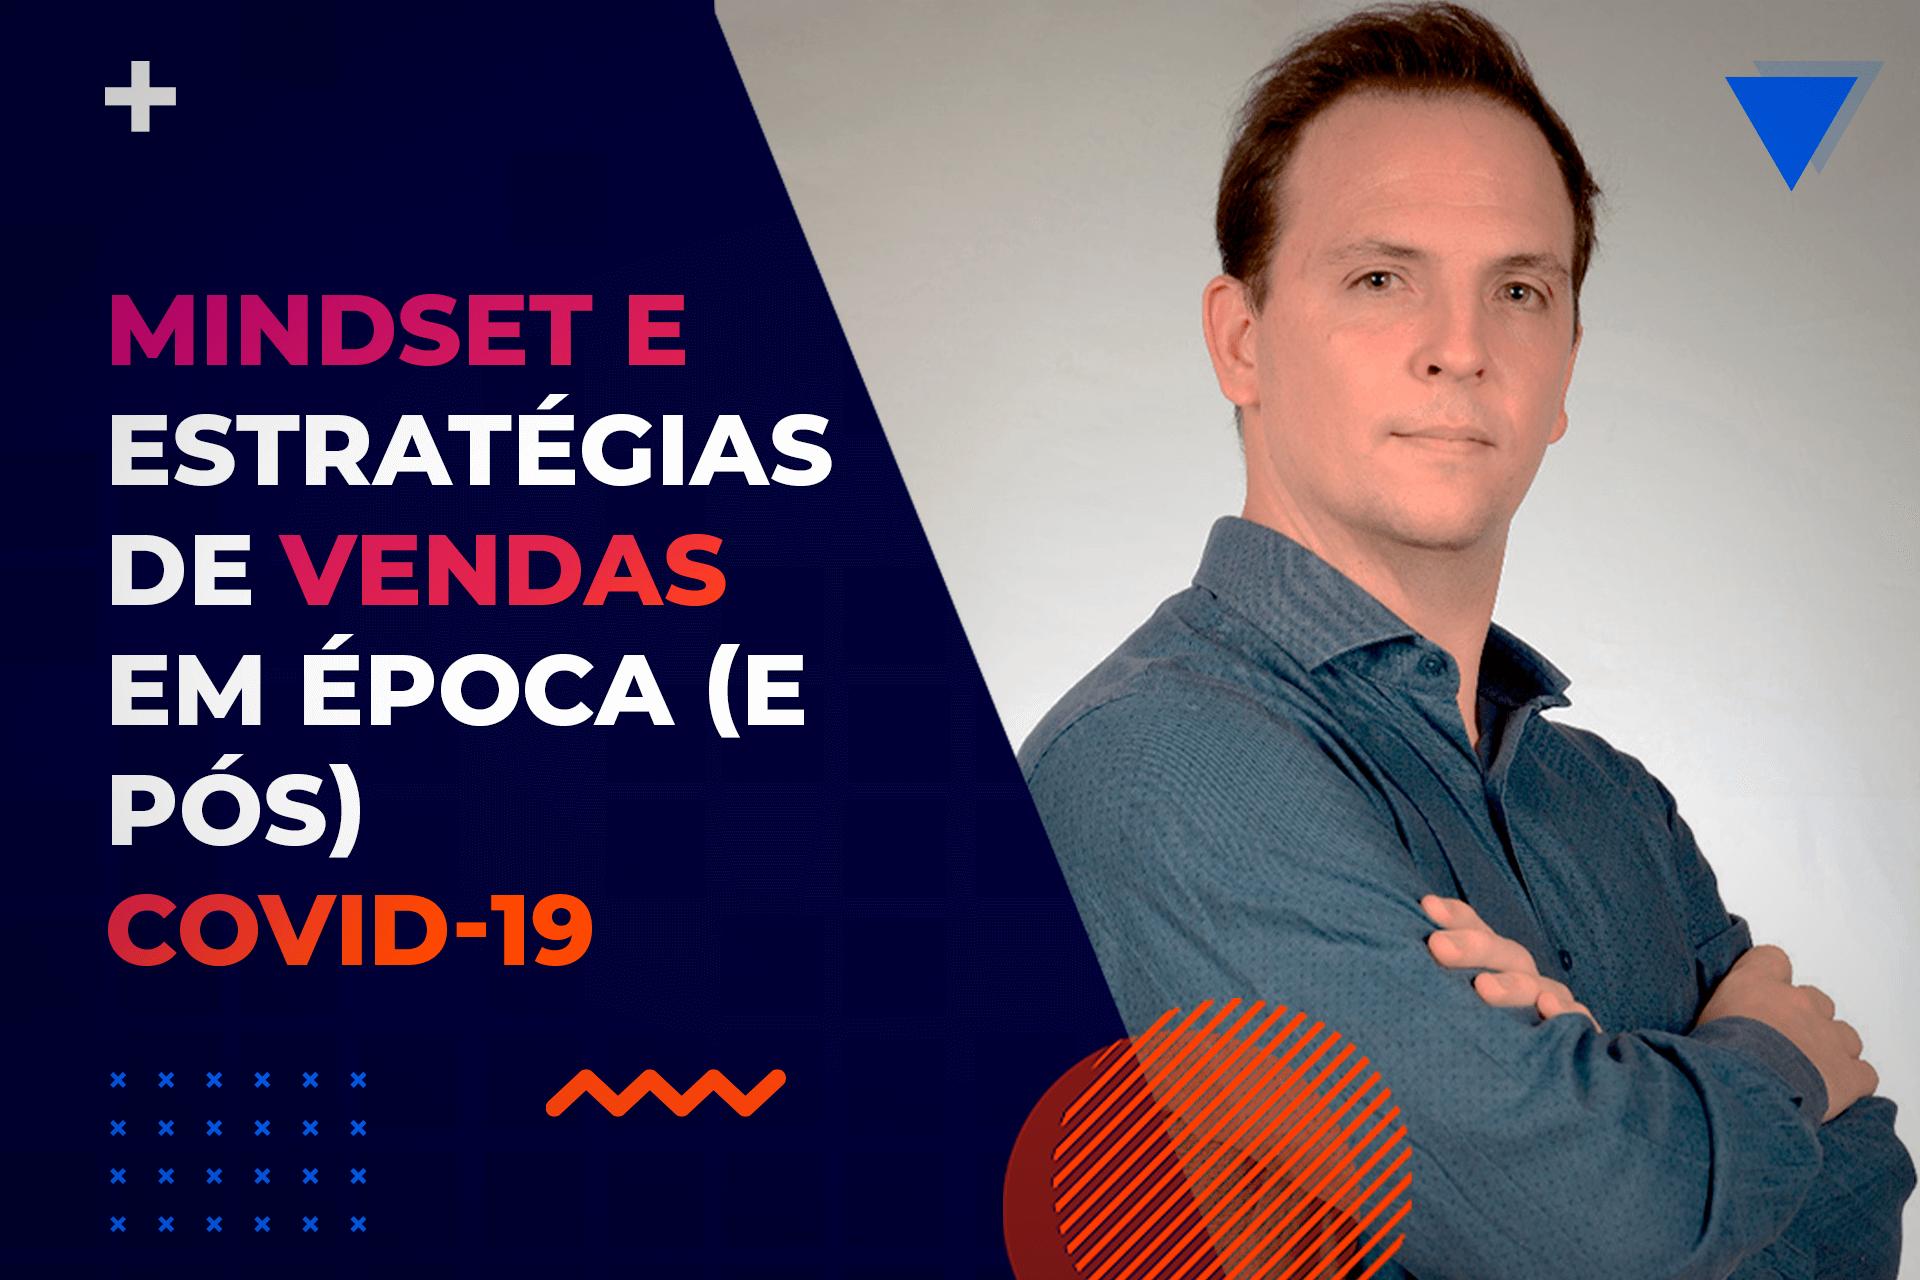 Mindset e estratégias de vendas em época (epós) COVID-19 - 00:39:57